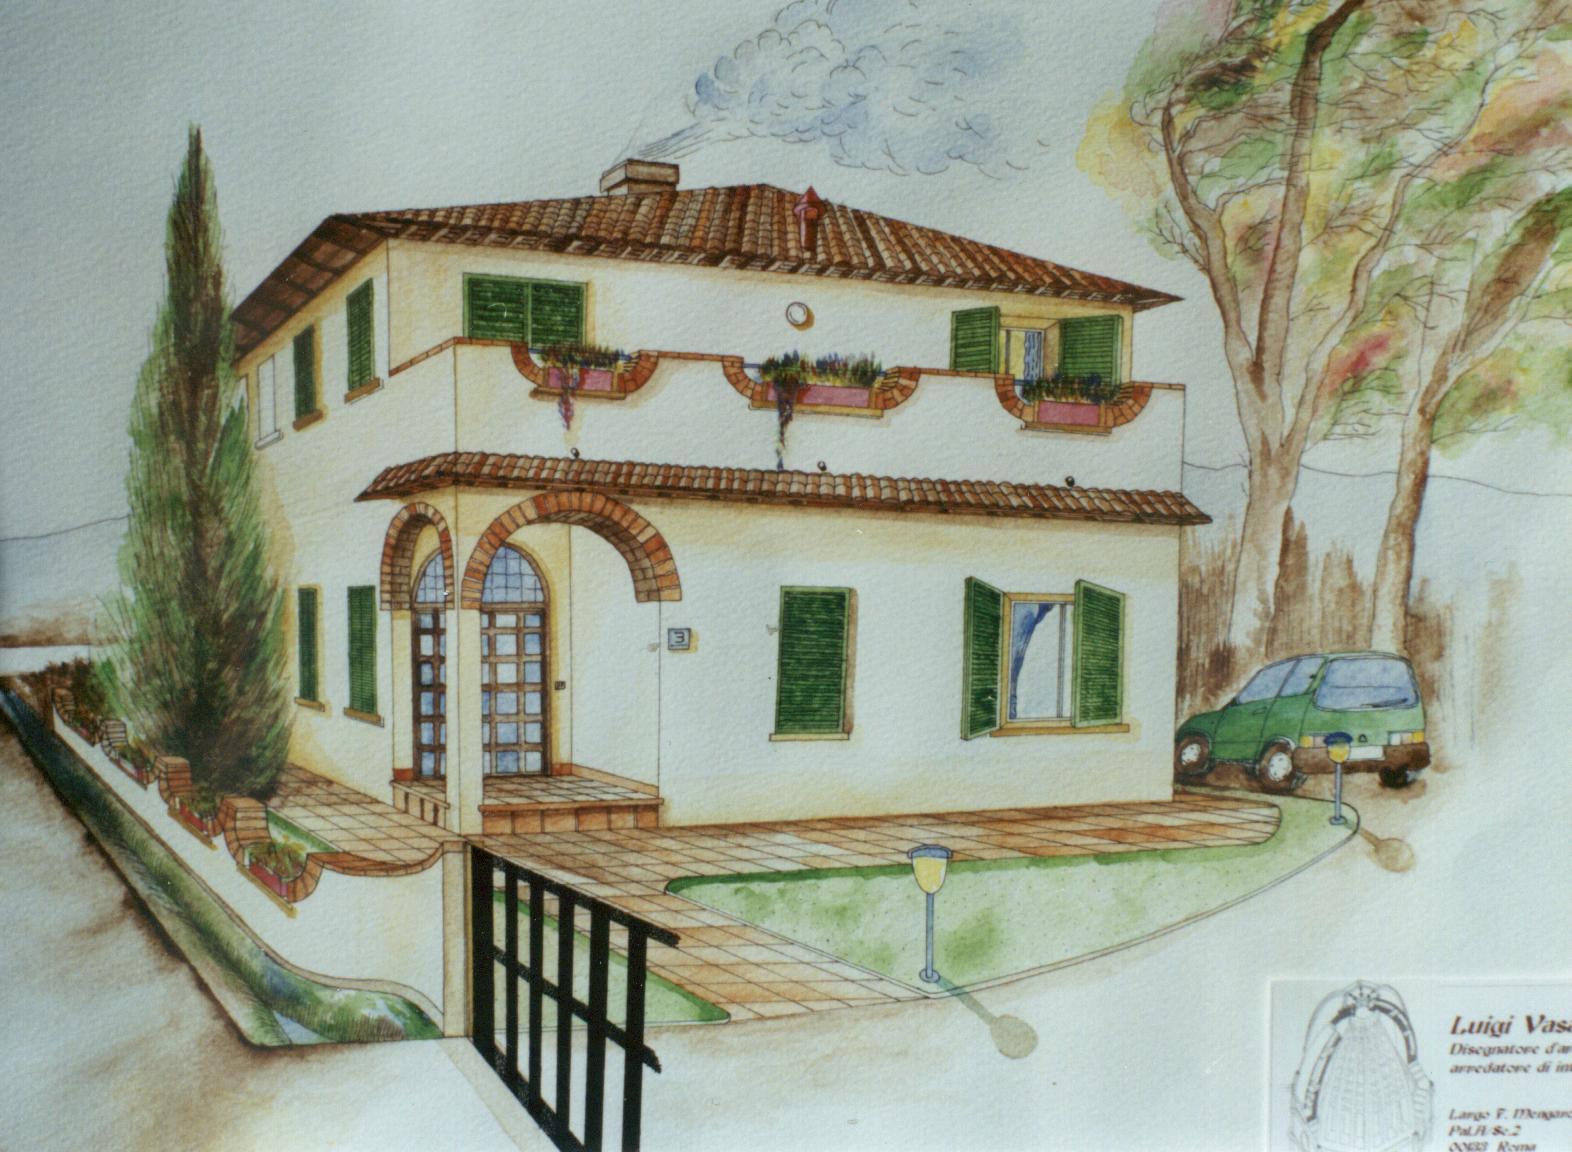 Arredamento - Idee per progettare una casa ...